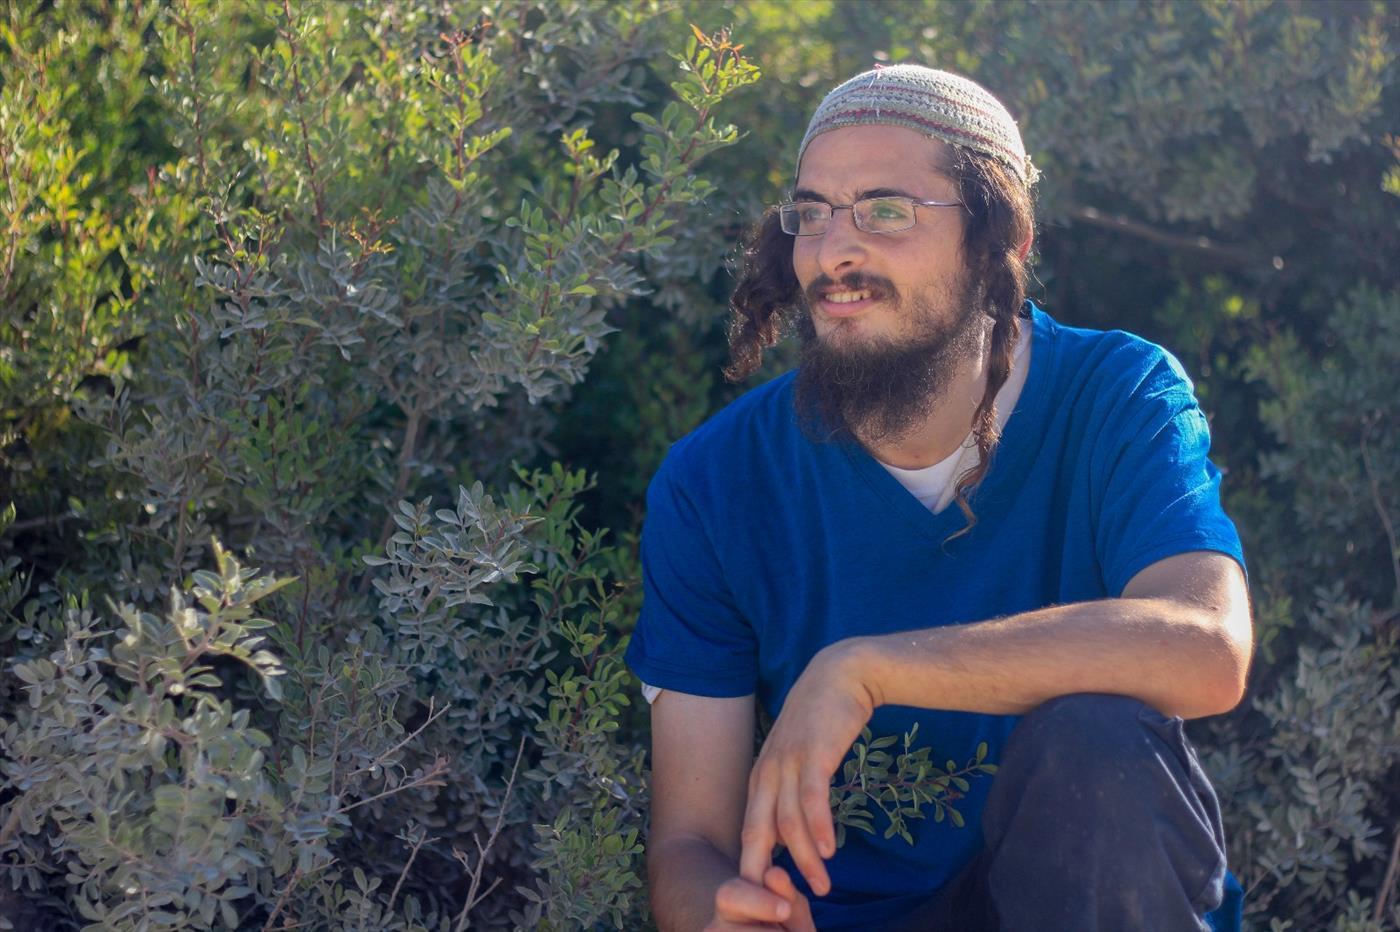 מאיר אטינגר  (צילום: יהודה פרל)